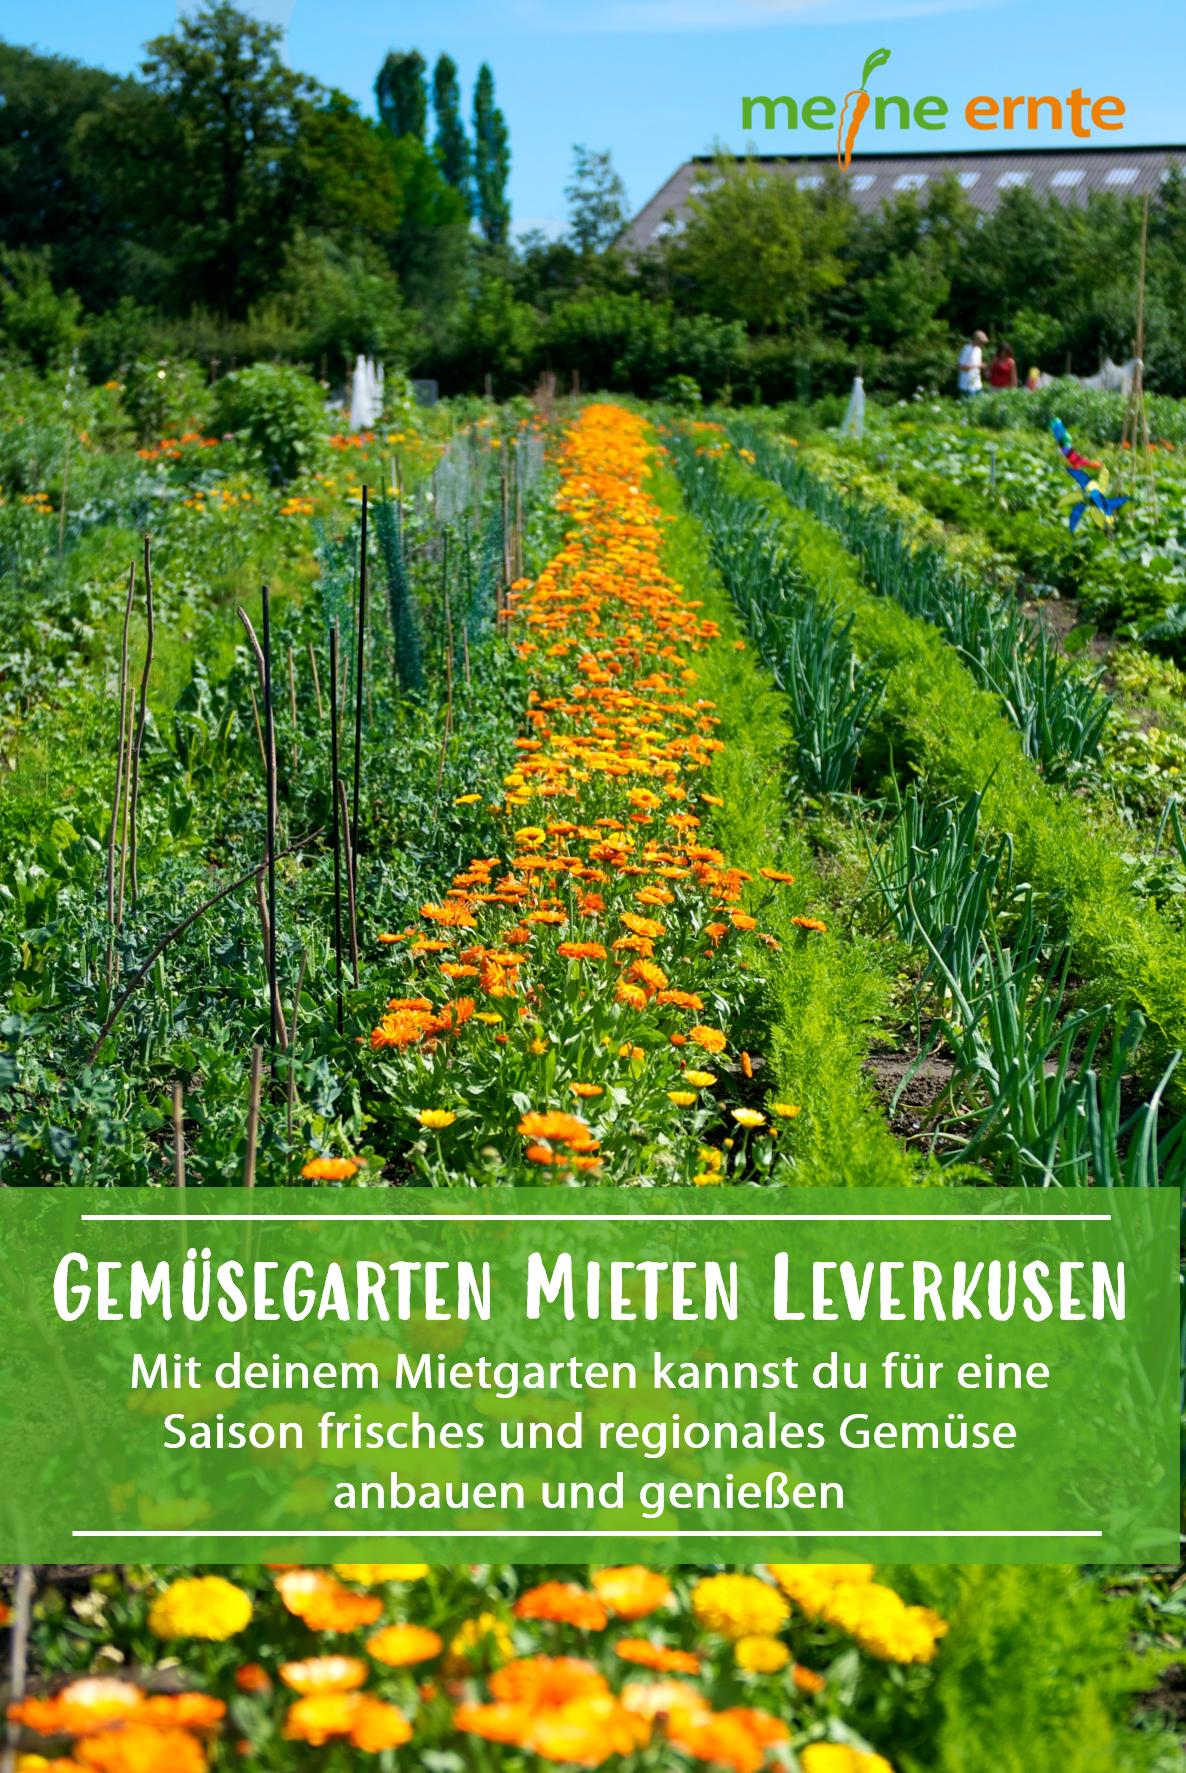 Gemusegarten In Leverkusen In 2020 Garten Gemuseanbau Bepflanzung